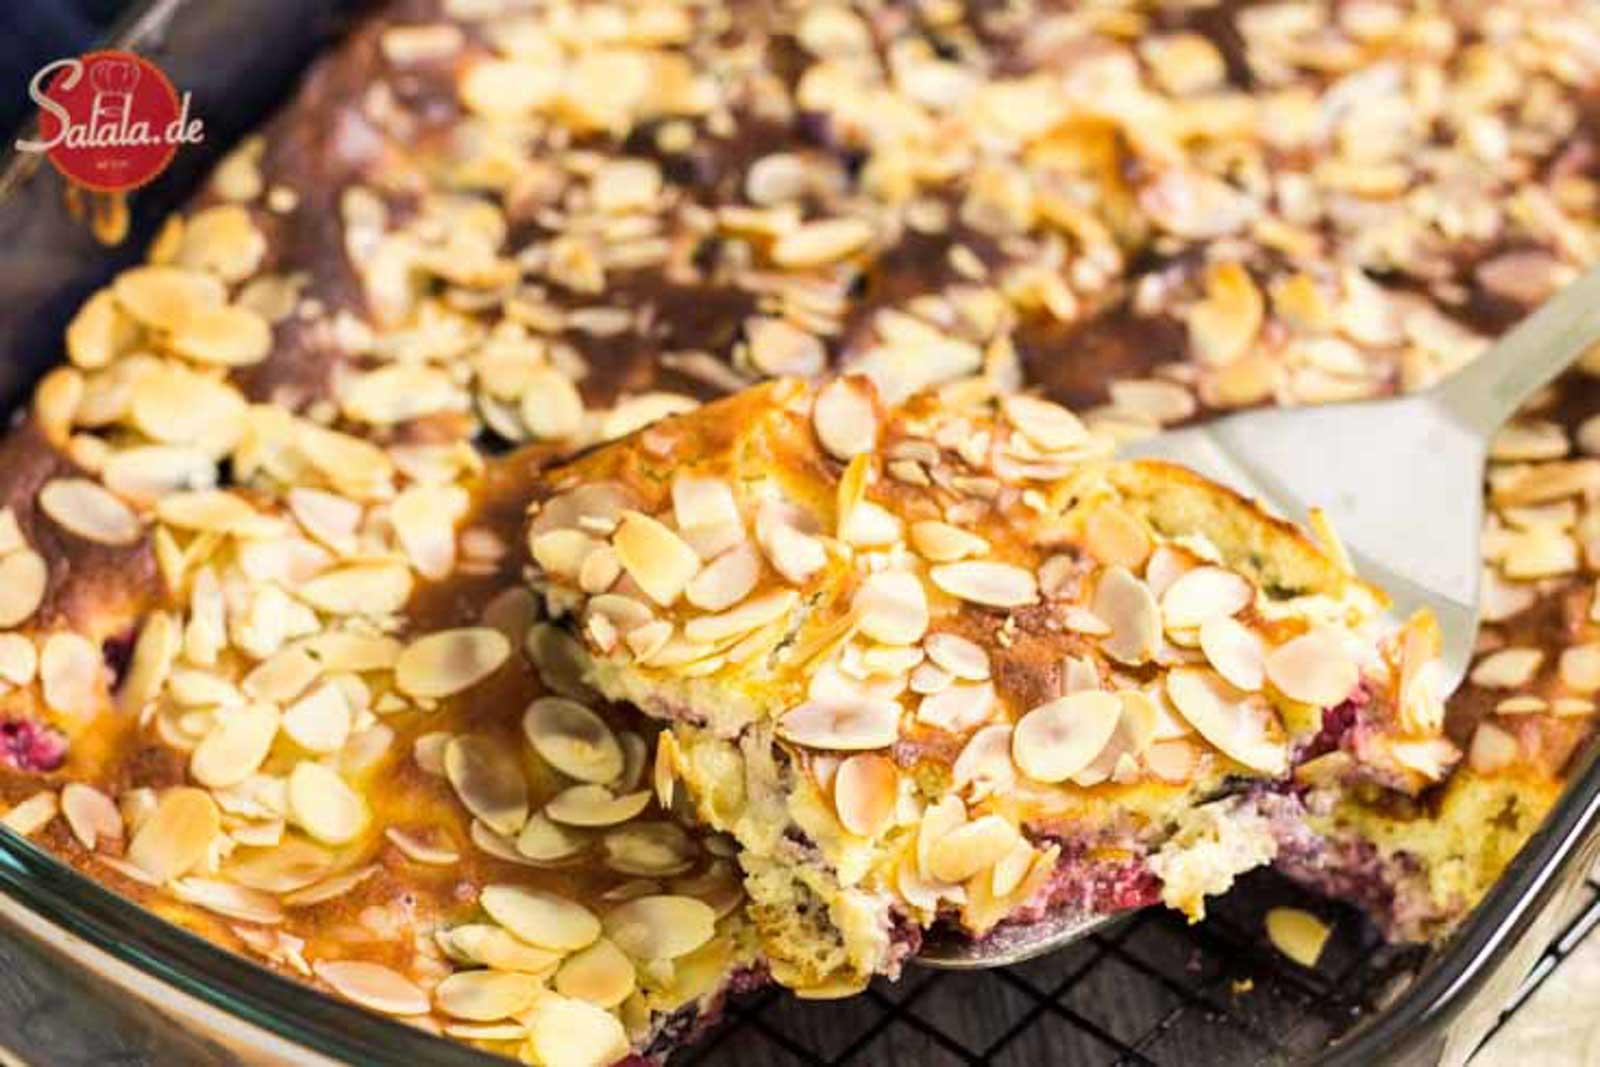 Quarkauflauf mit Himbeeren und Heidelbeeren Rezept ohne Mehl und ohne Zucker